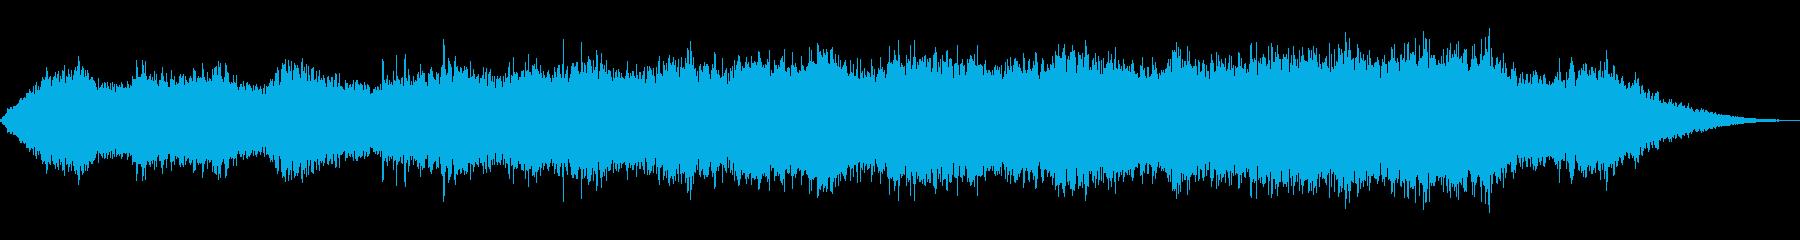 様々な情景を想起させる静かな音楽の再生済みの波形